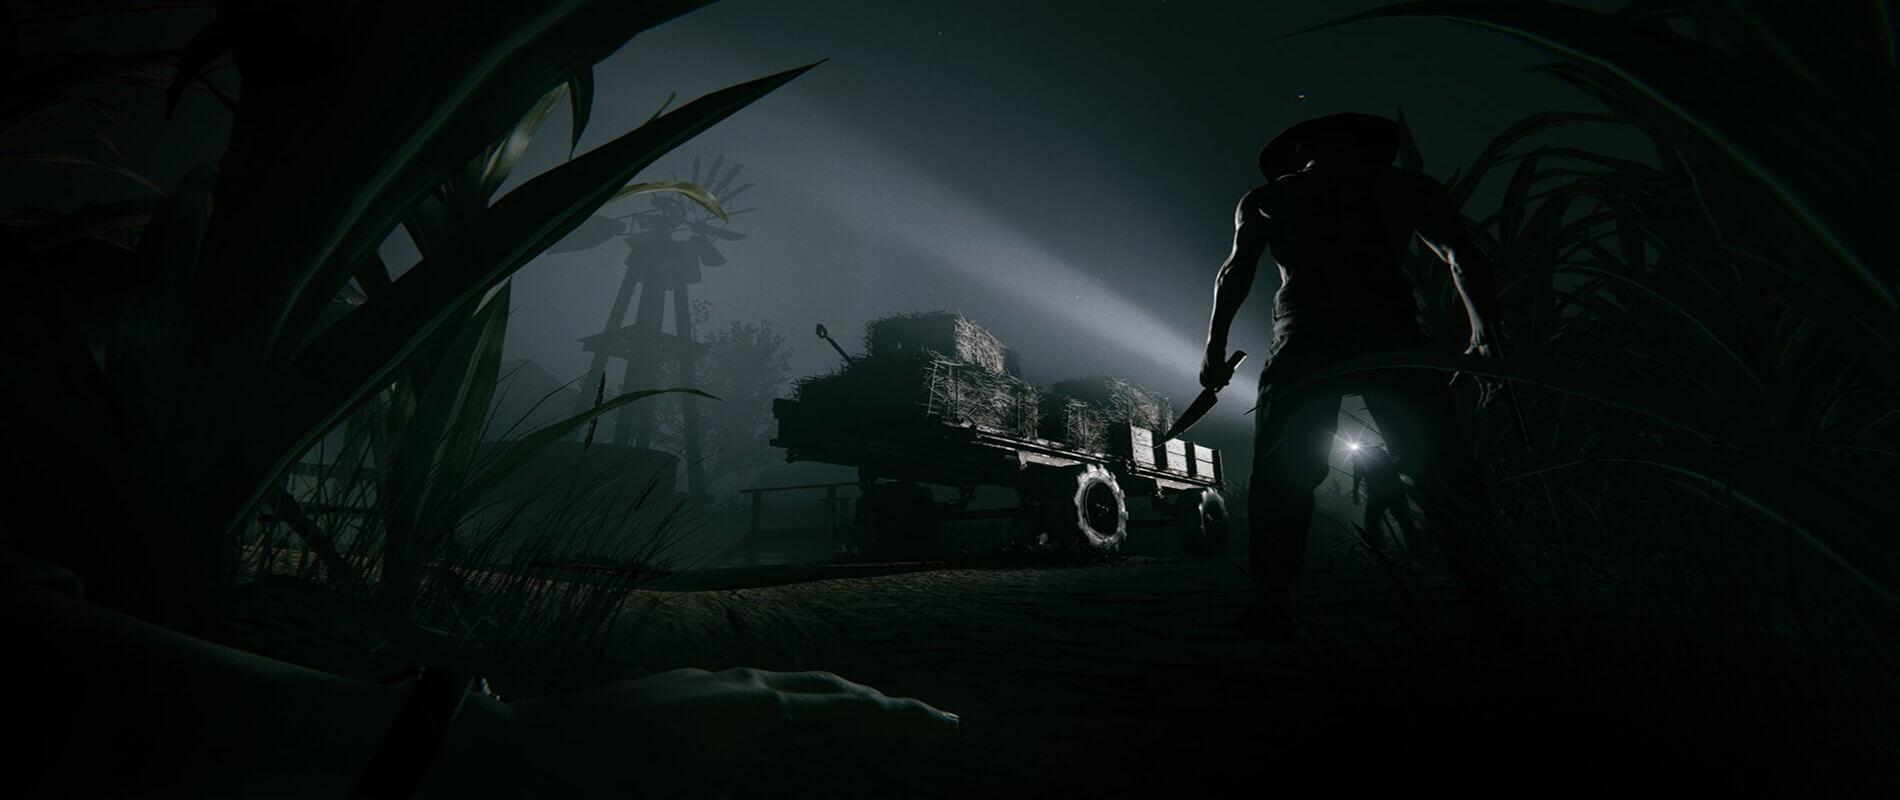 Xbox One S JTag